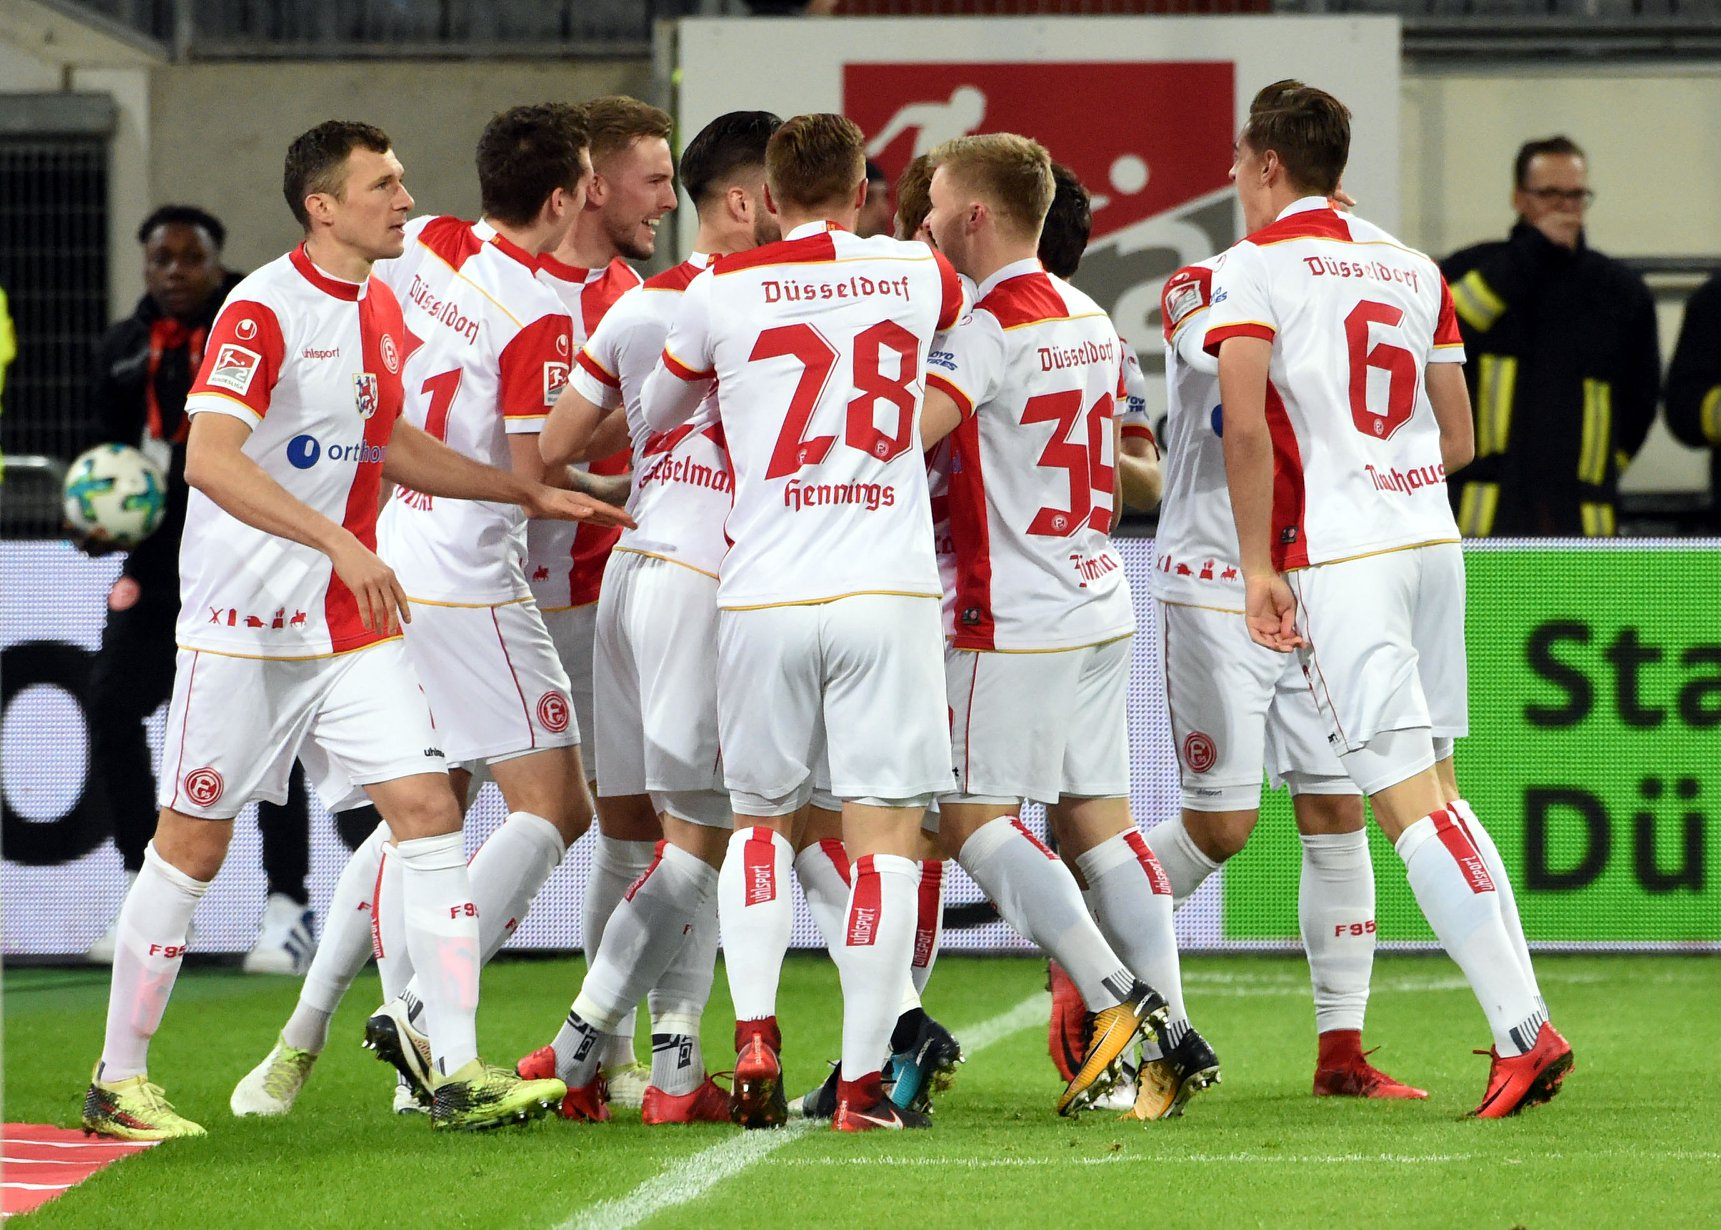 Bundesliga, Francoforte-Dusseldorf 19 ottobre: analisi e pronostico della giornata della massima divisione calcistica tedesca